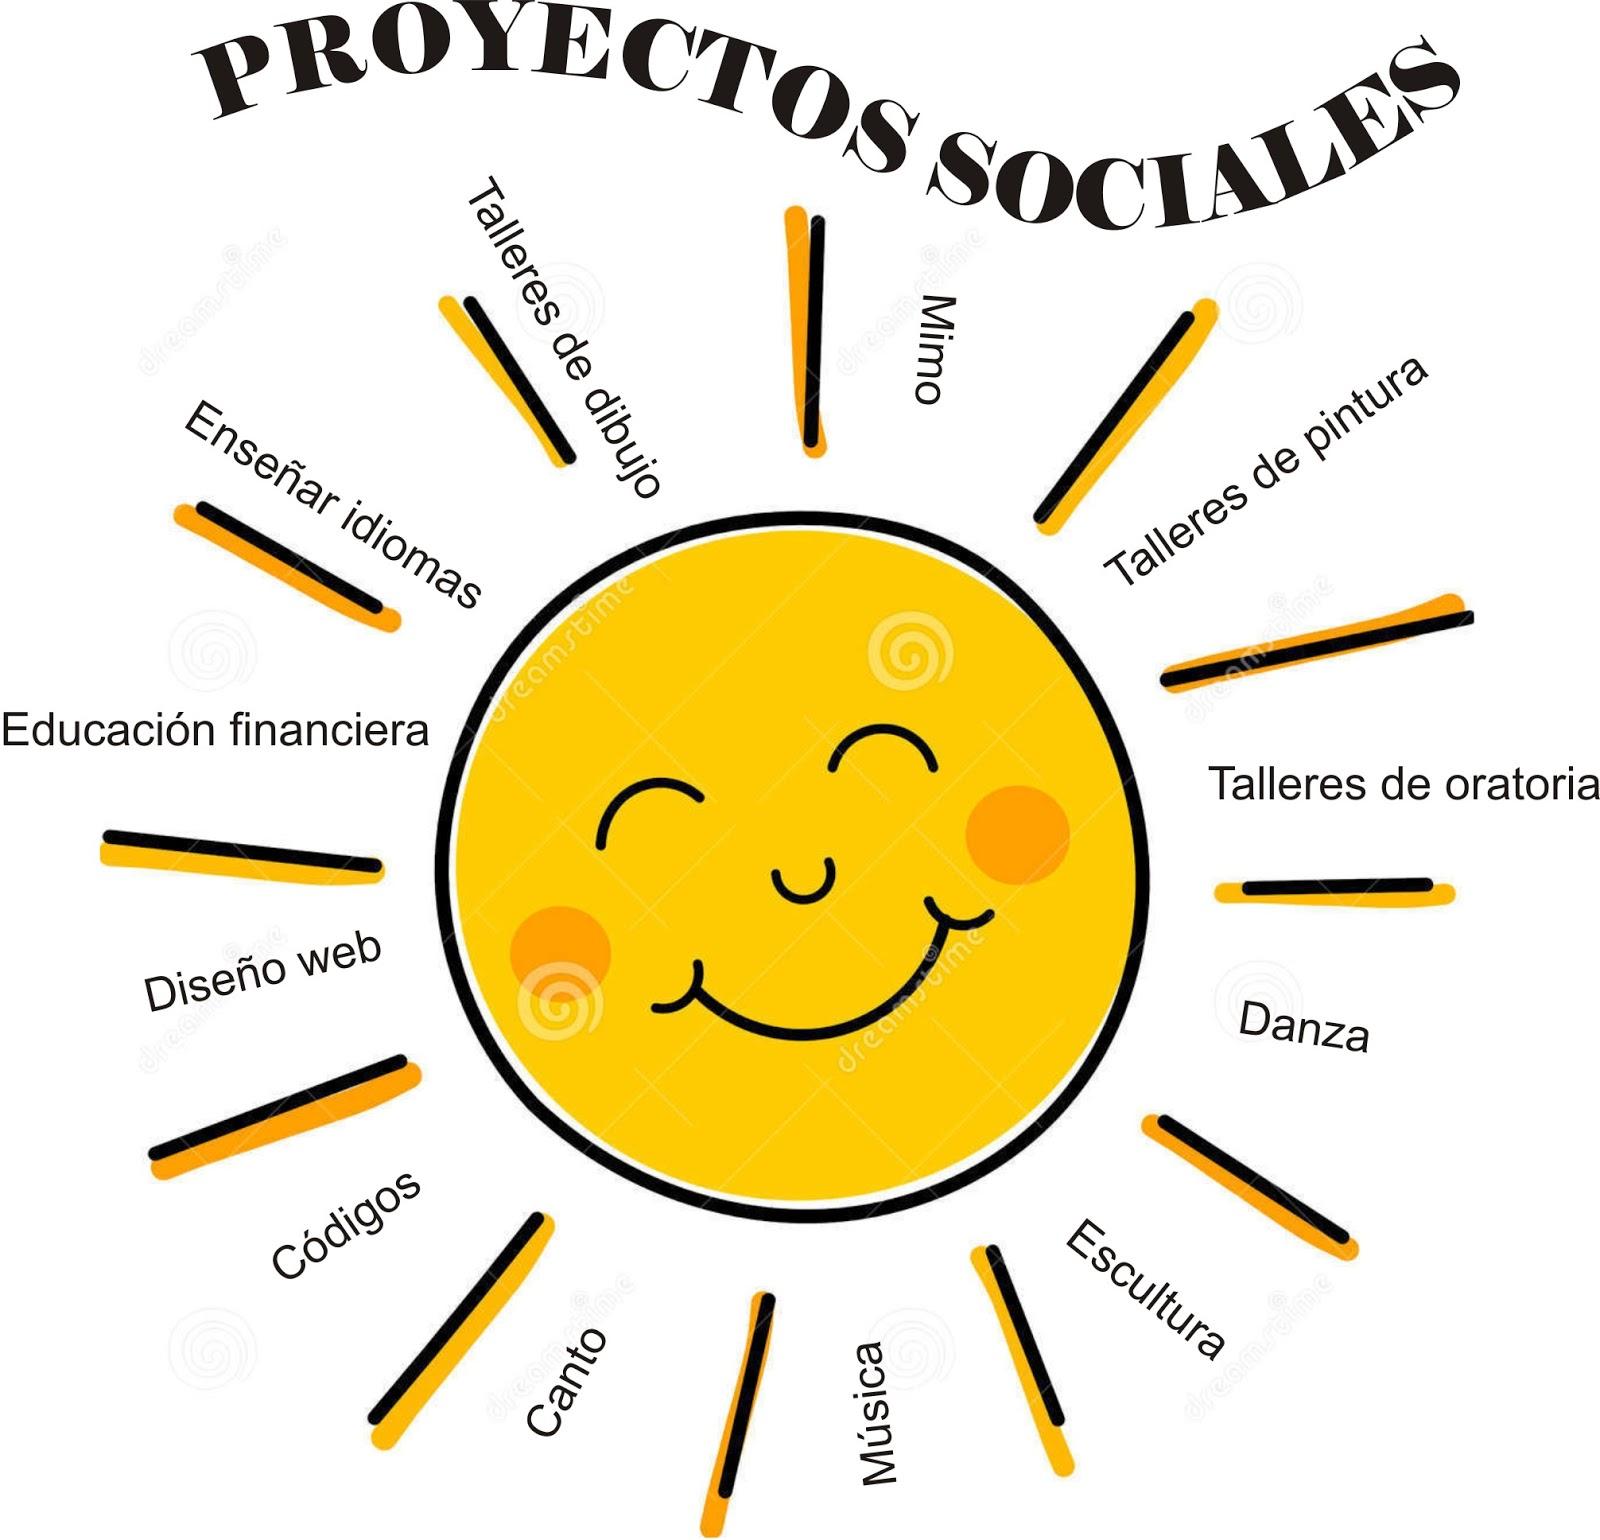 Proyecto social proyecto tecnol gico o proyecto comercial for Proyecto social comedor comunitario